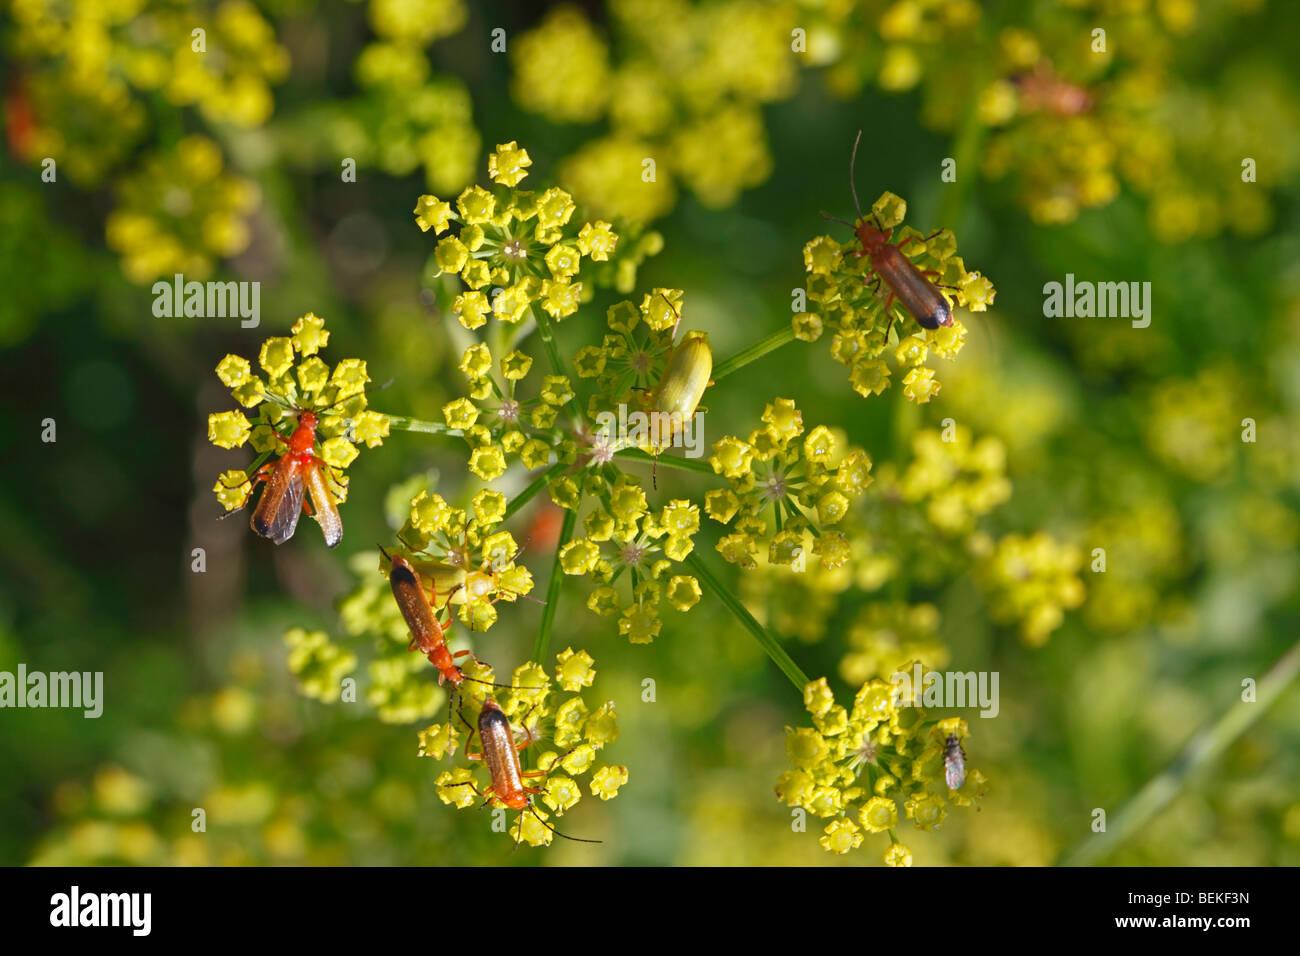 Soldato beetle e polline beetle su wild pastinaca fiore Immagini Stock